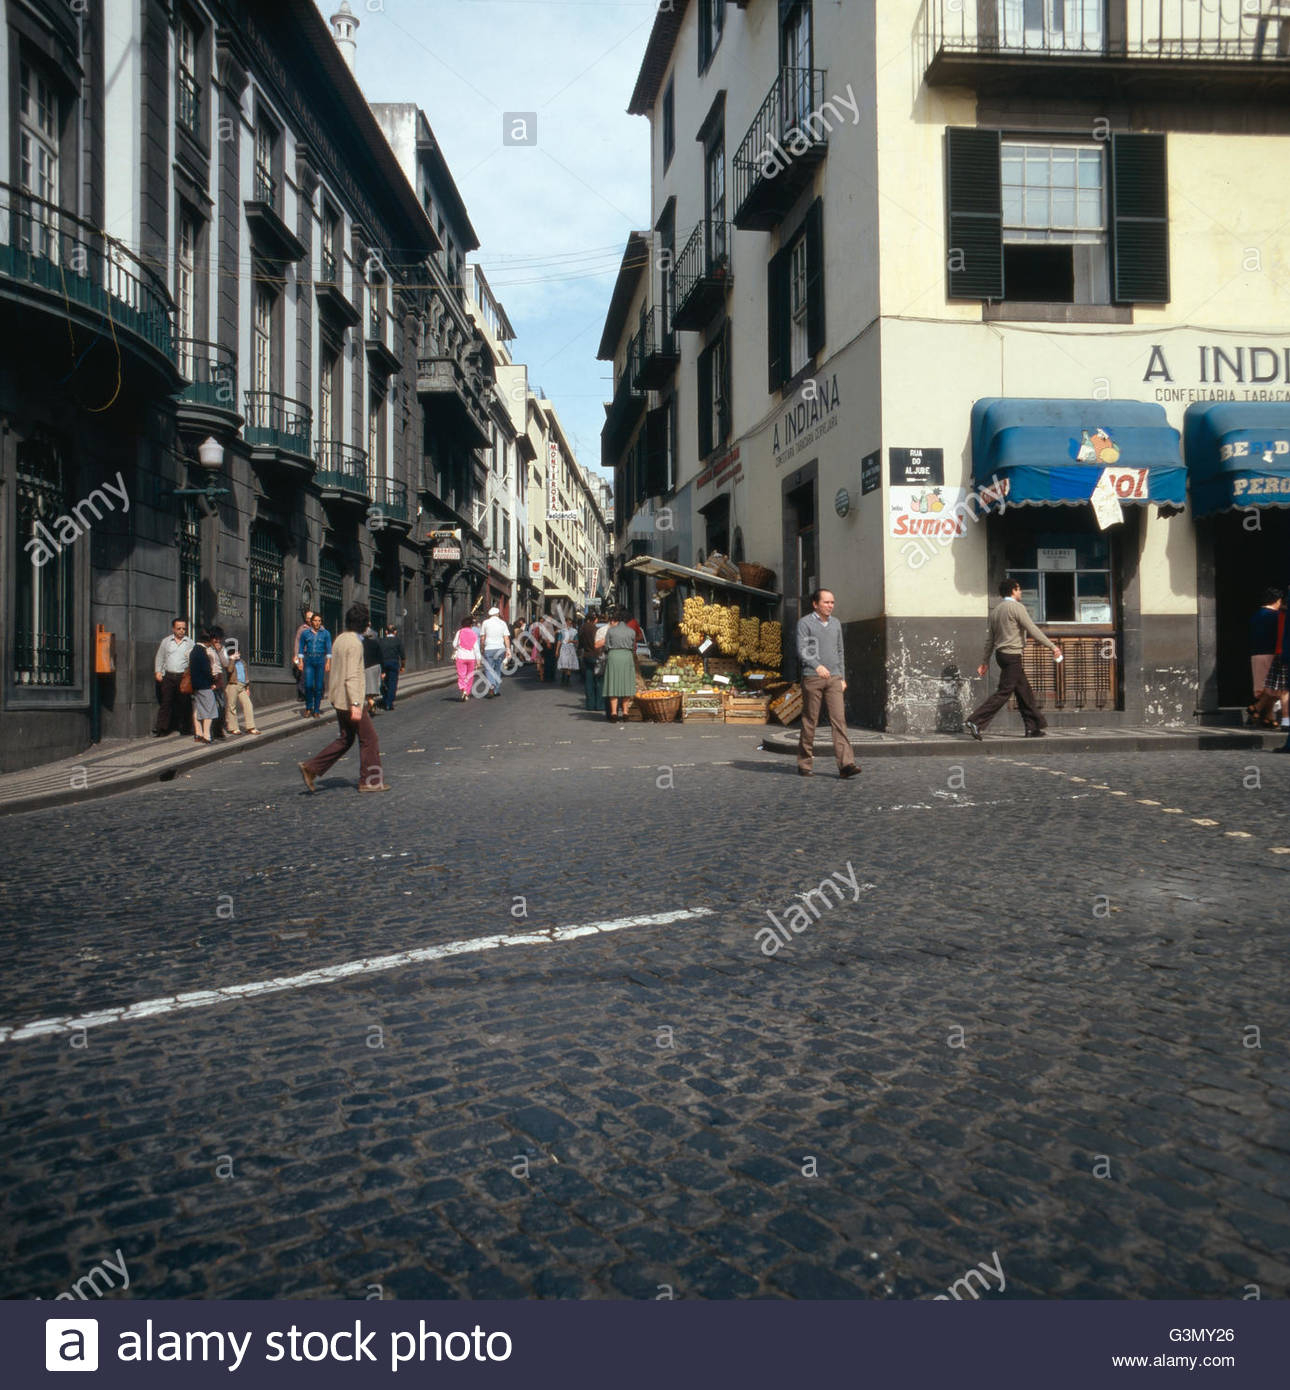 unterwegs-in-den-strassen-von-funchal-madeira-portugal-1980-en-el-camino-en-las-calles-de-func...jpg